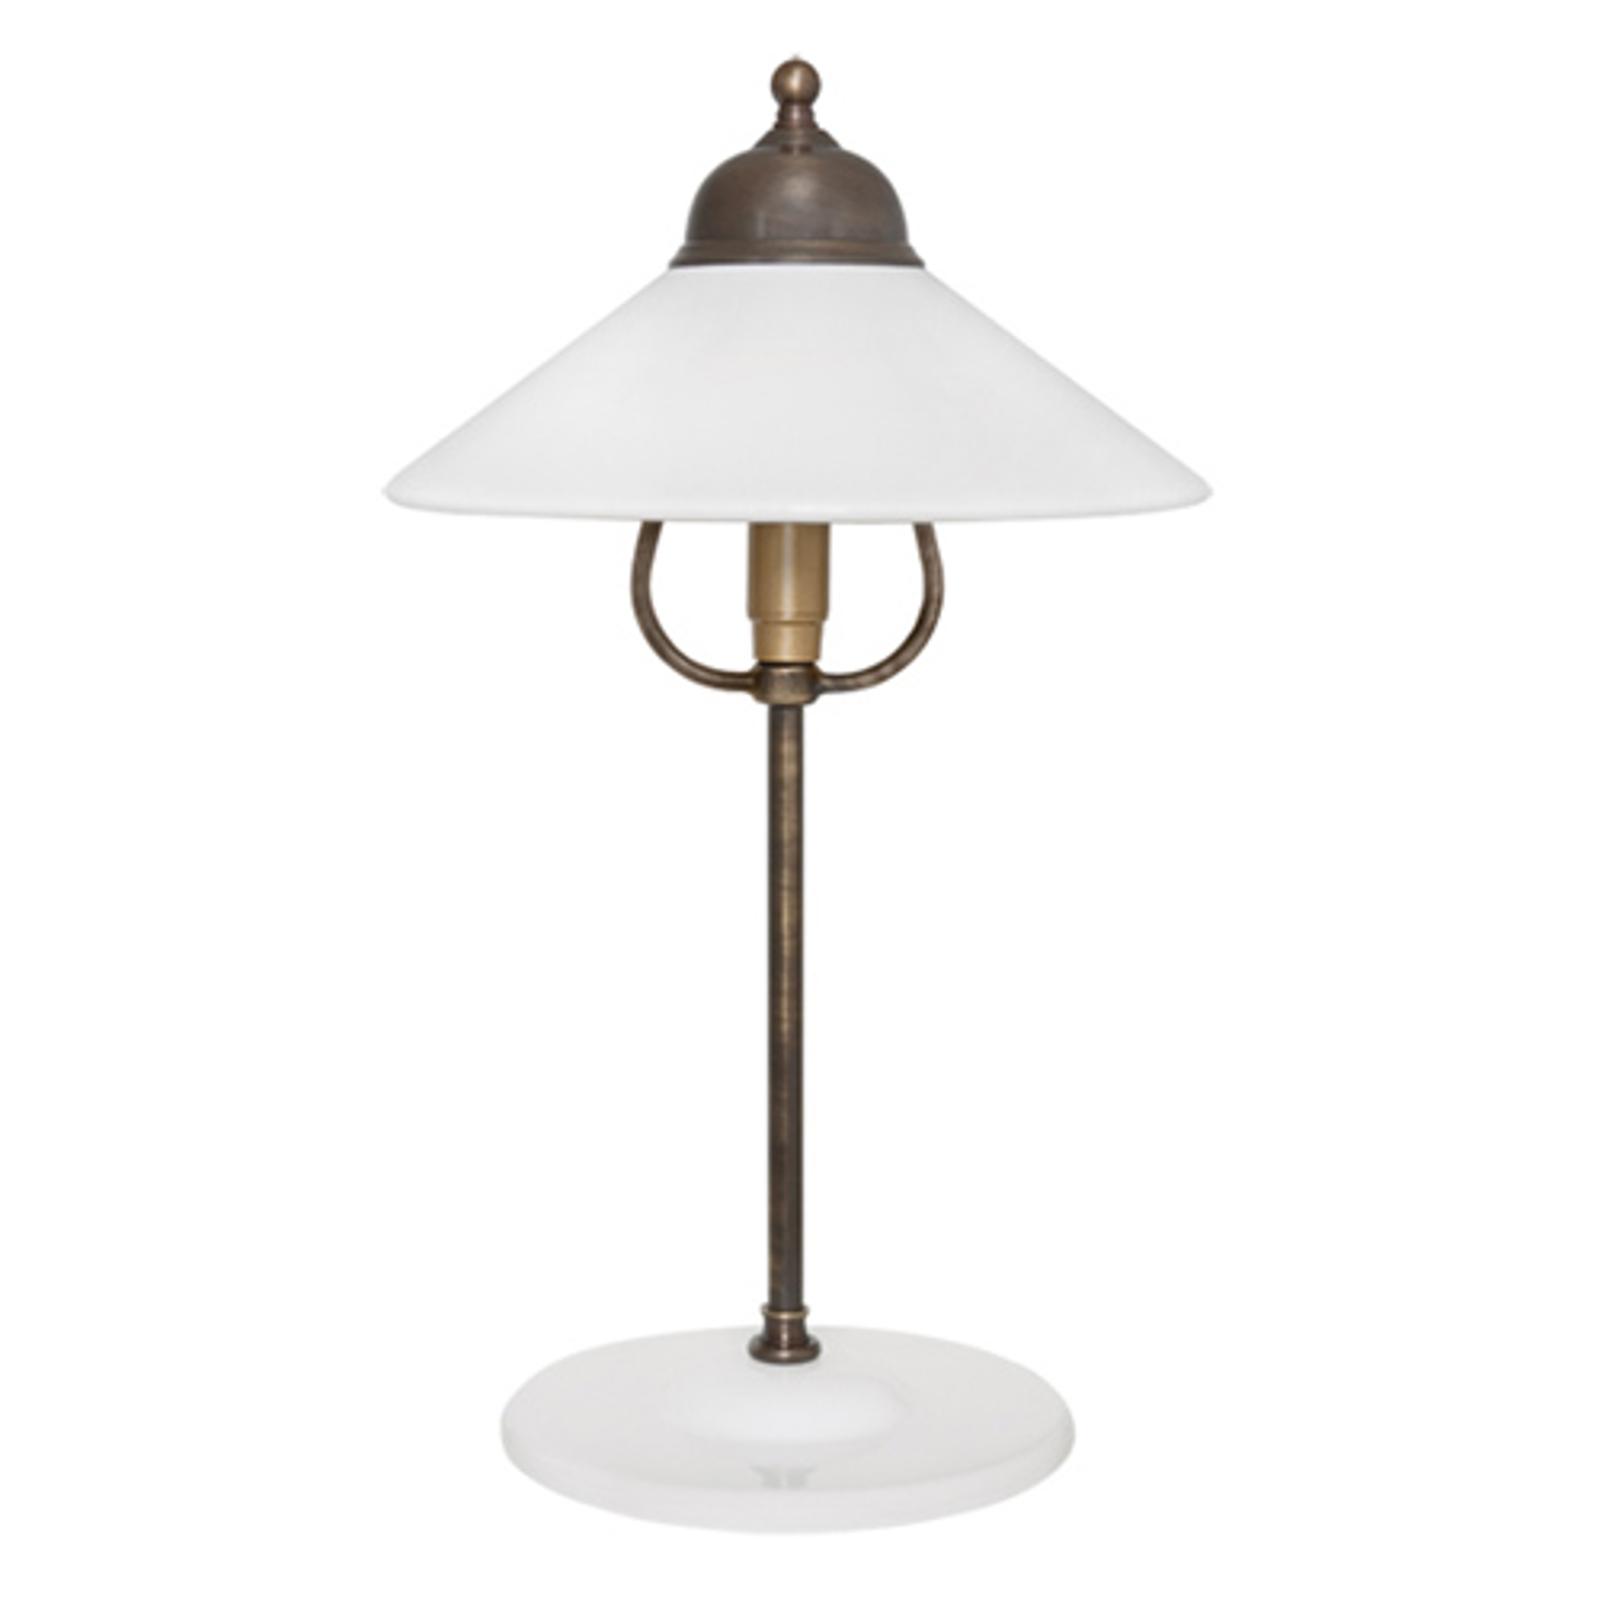 Aantrekkelijke tafellamp Ike